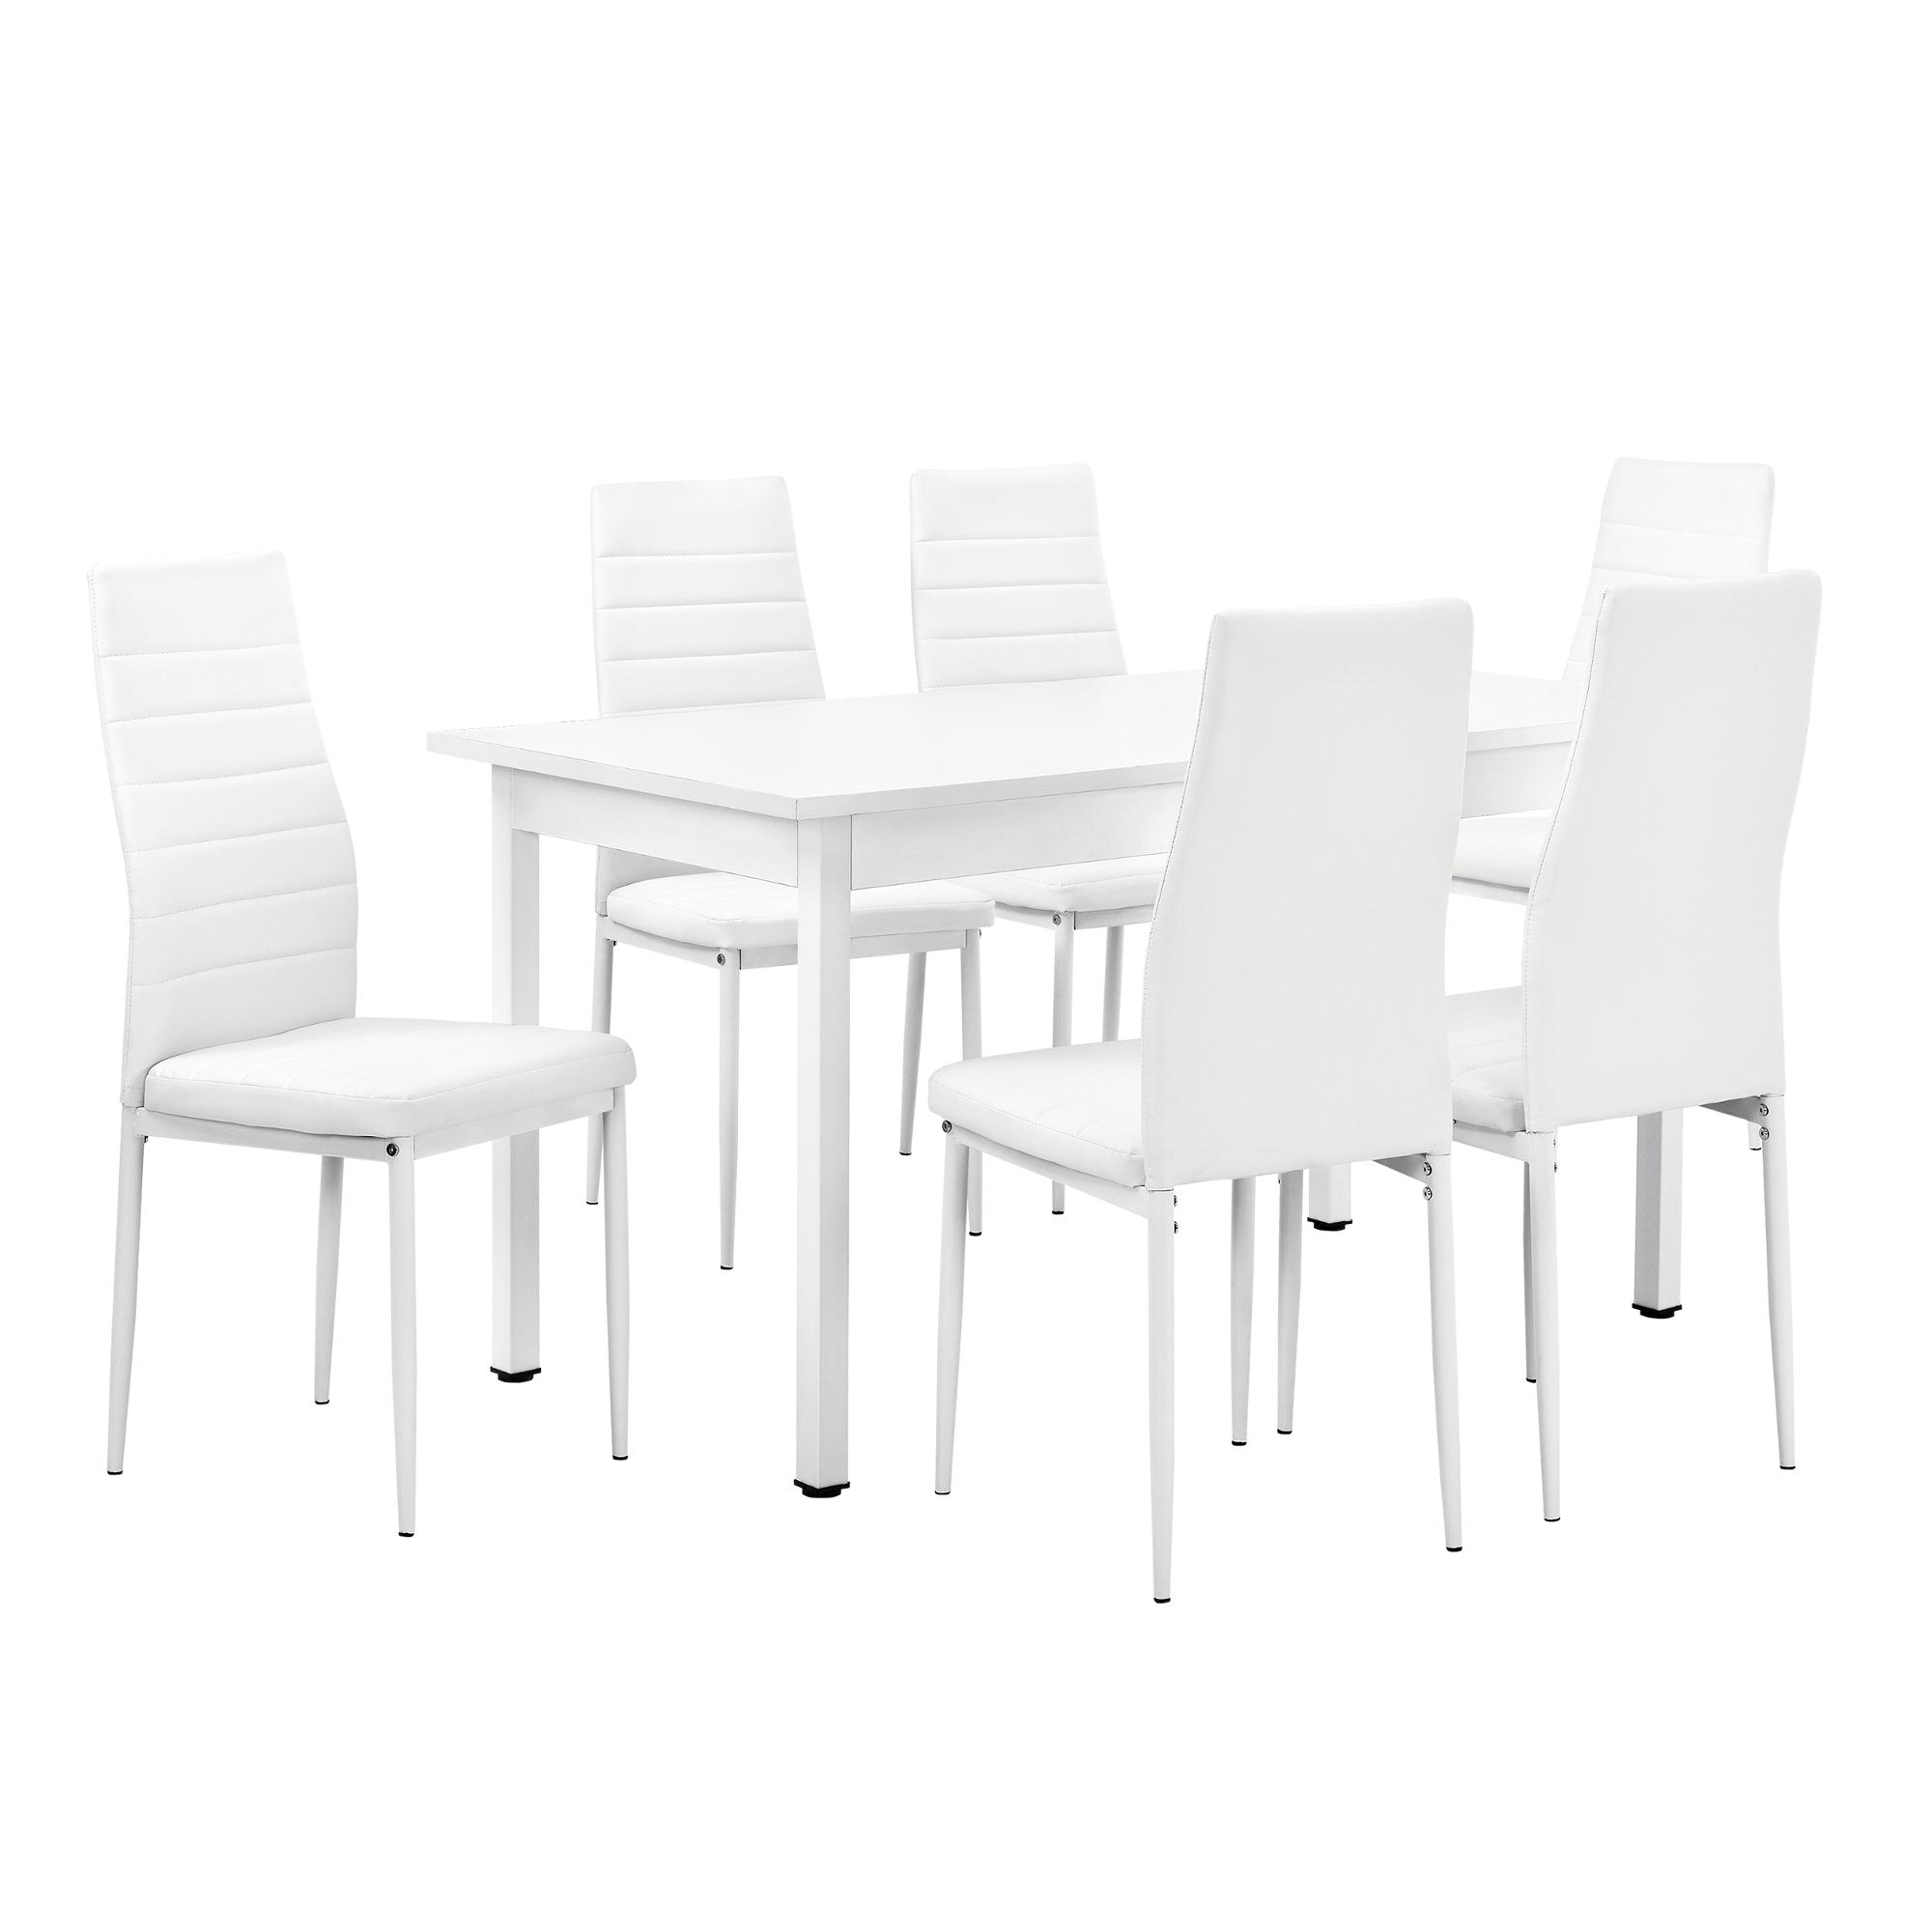 Tavolo da pranzo con 6 sedie bianco 140x60cm for Case moderne sotto 2000 piedi quadrati